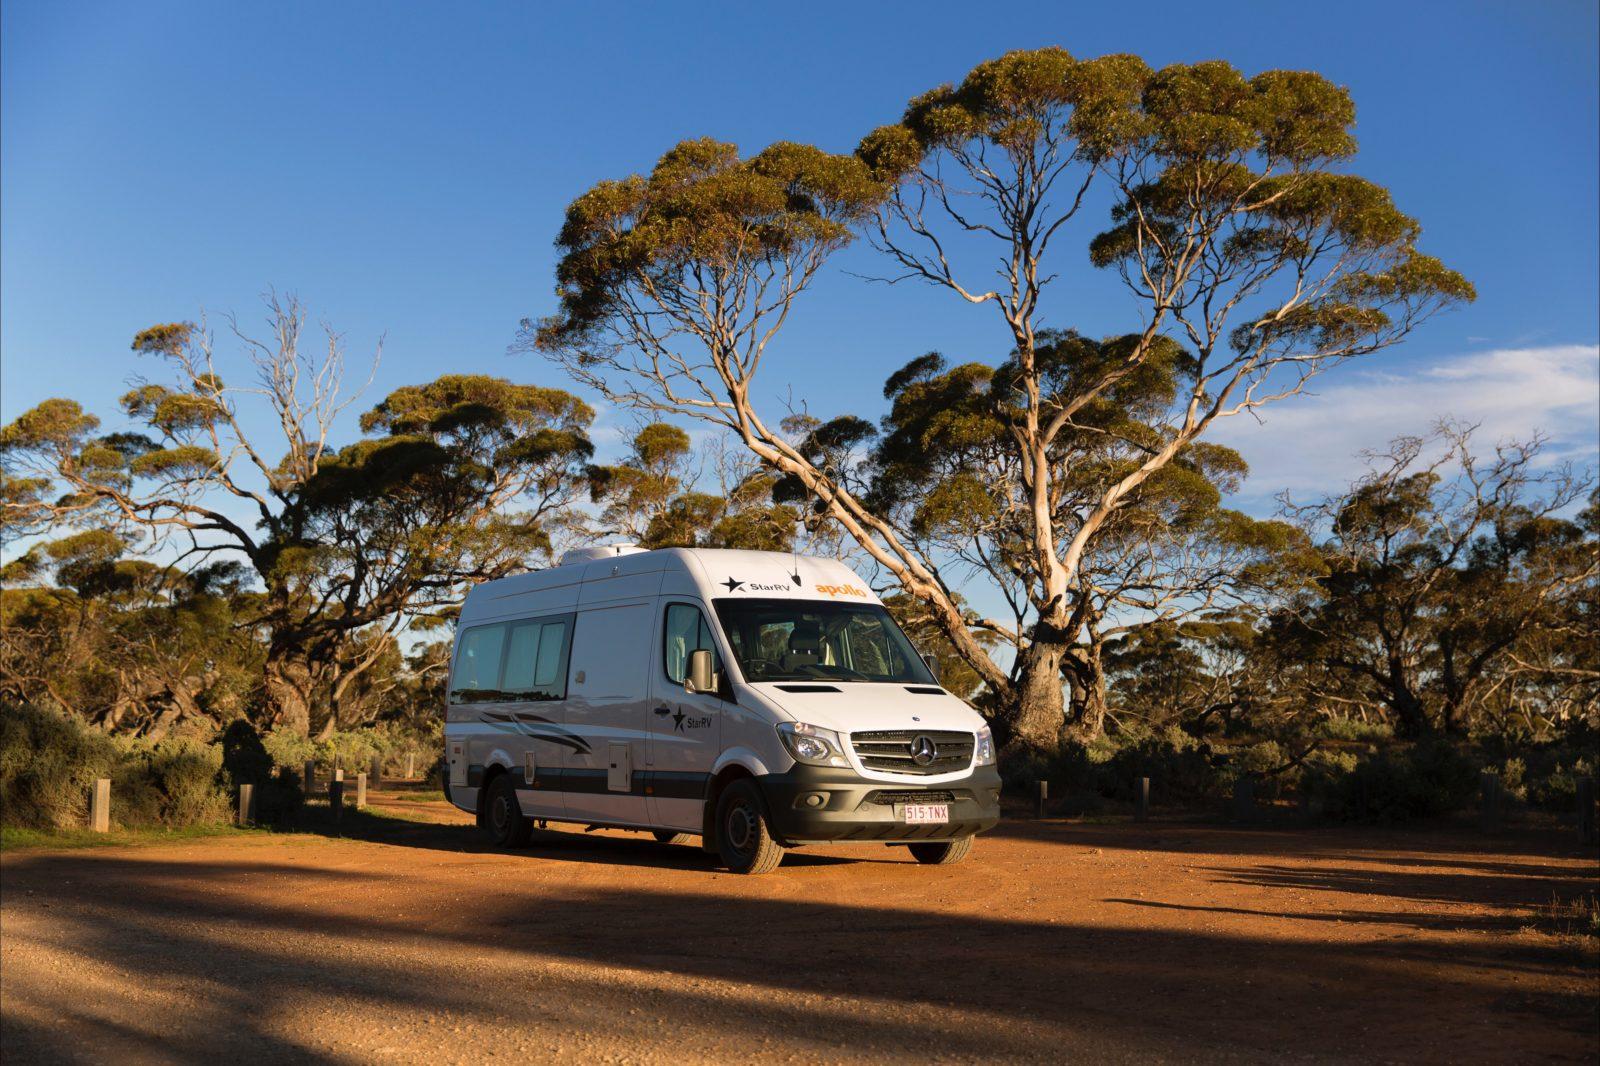 Apollo Motorhome Holidays, Belmont, Western Australia